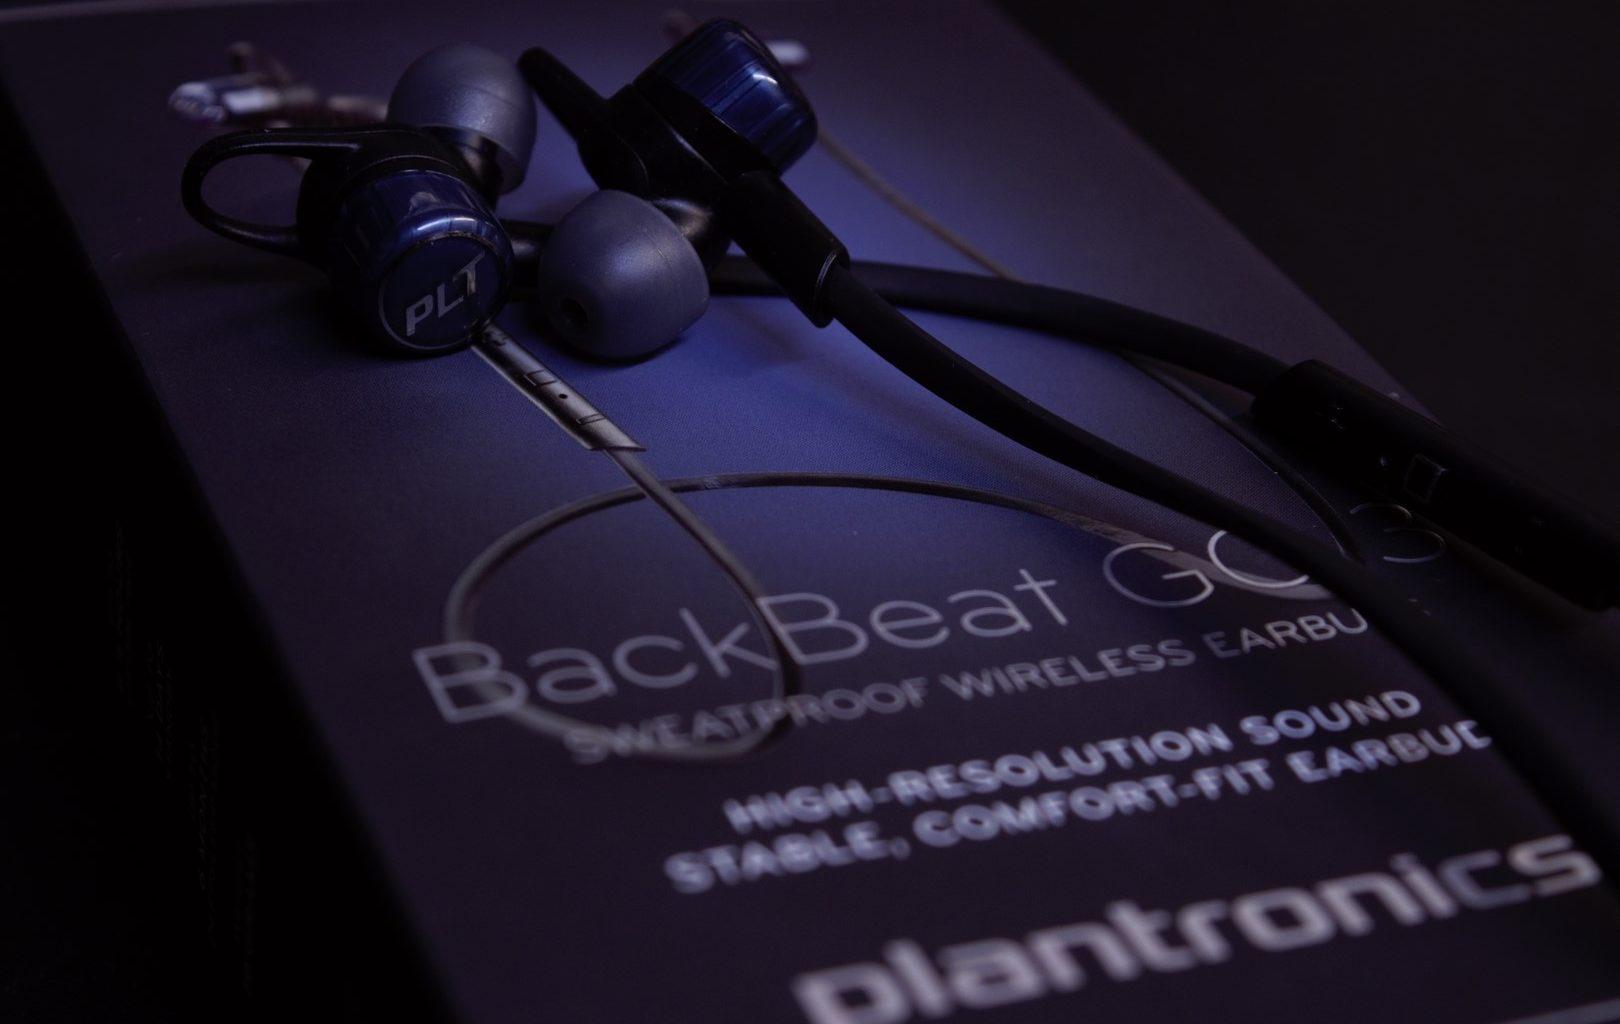 test-ecouteurs-backbeat-go-3-4-1620x1024